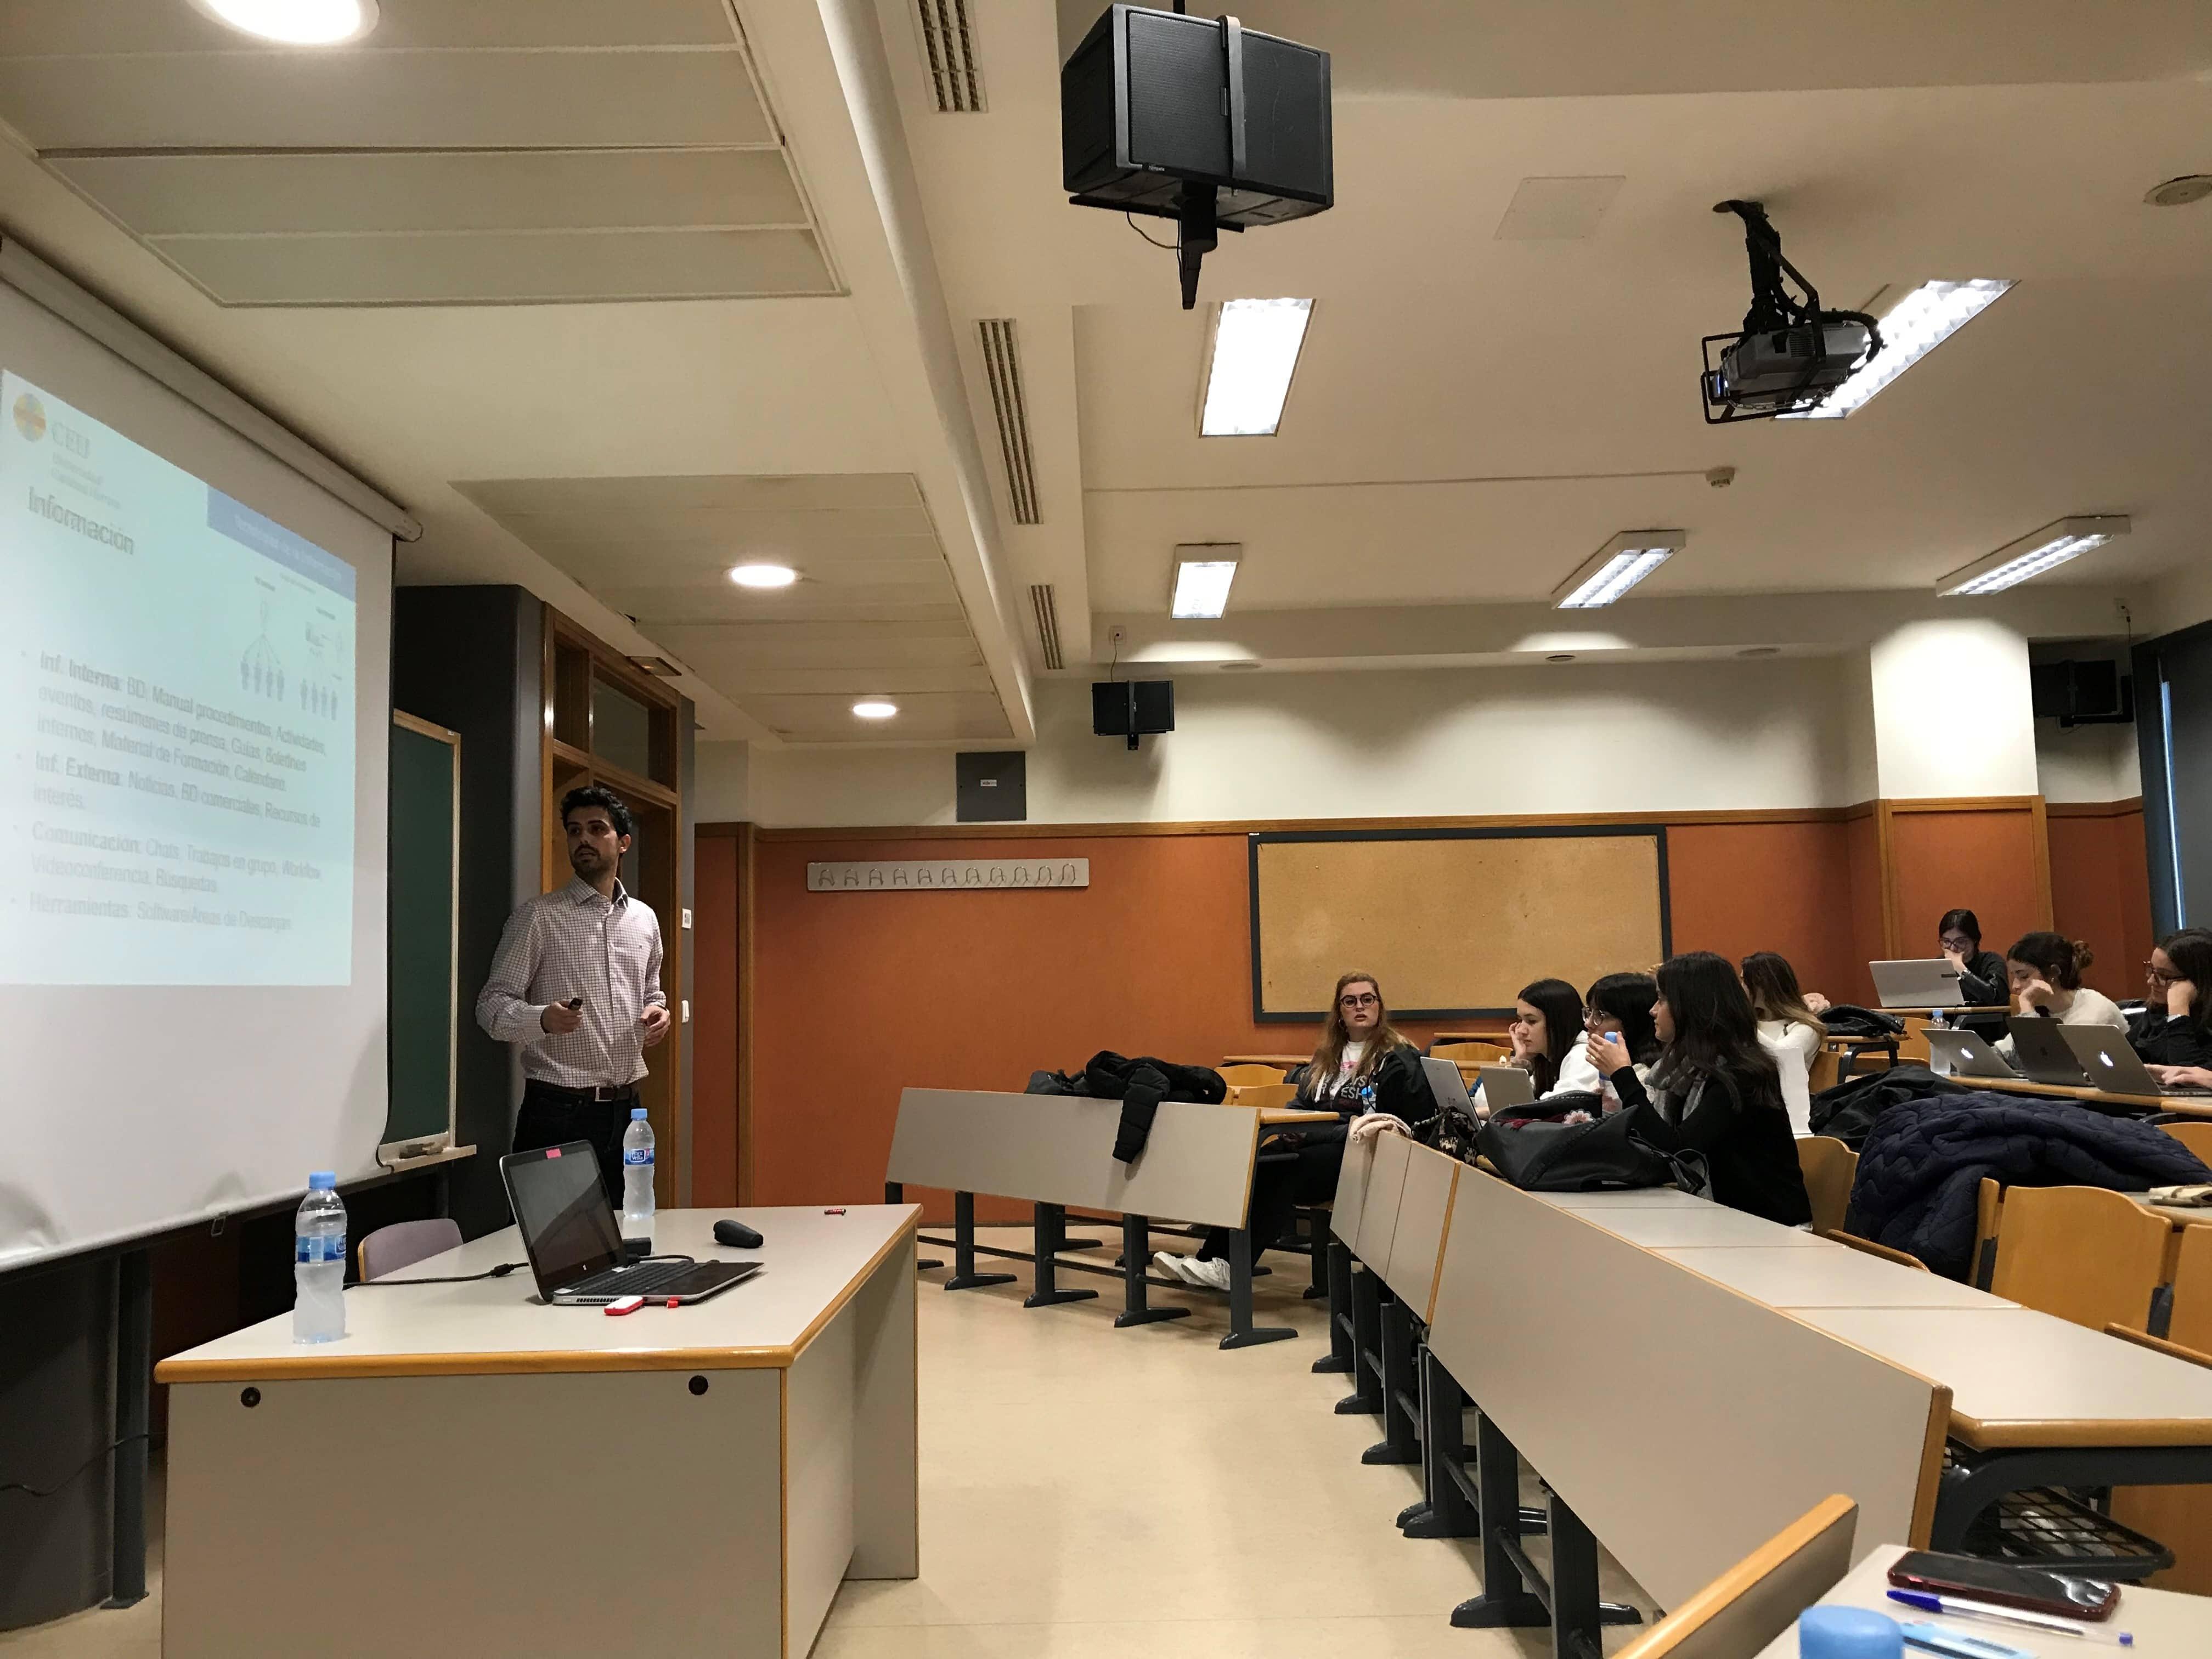 Los expertos en Intranet y Redes Sociales impartieron un taller a los alumnos de publicidad